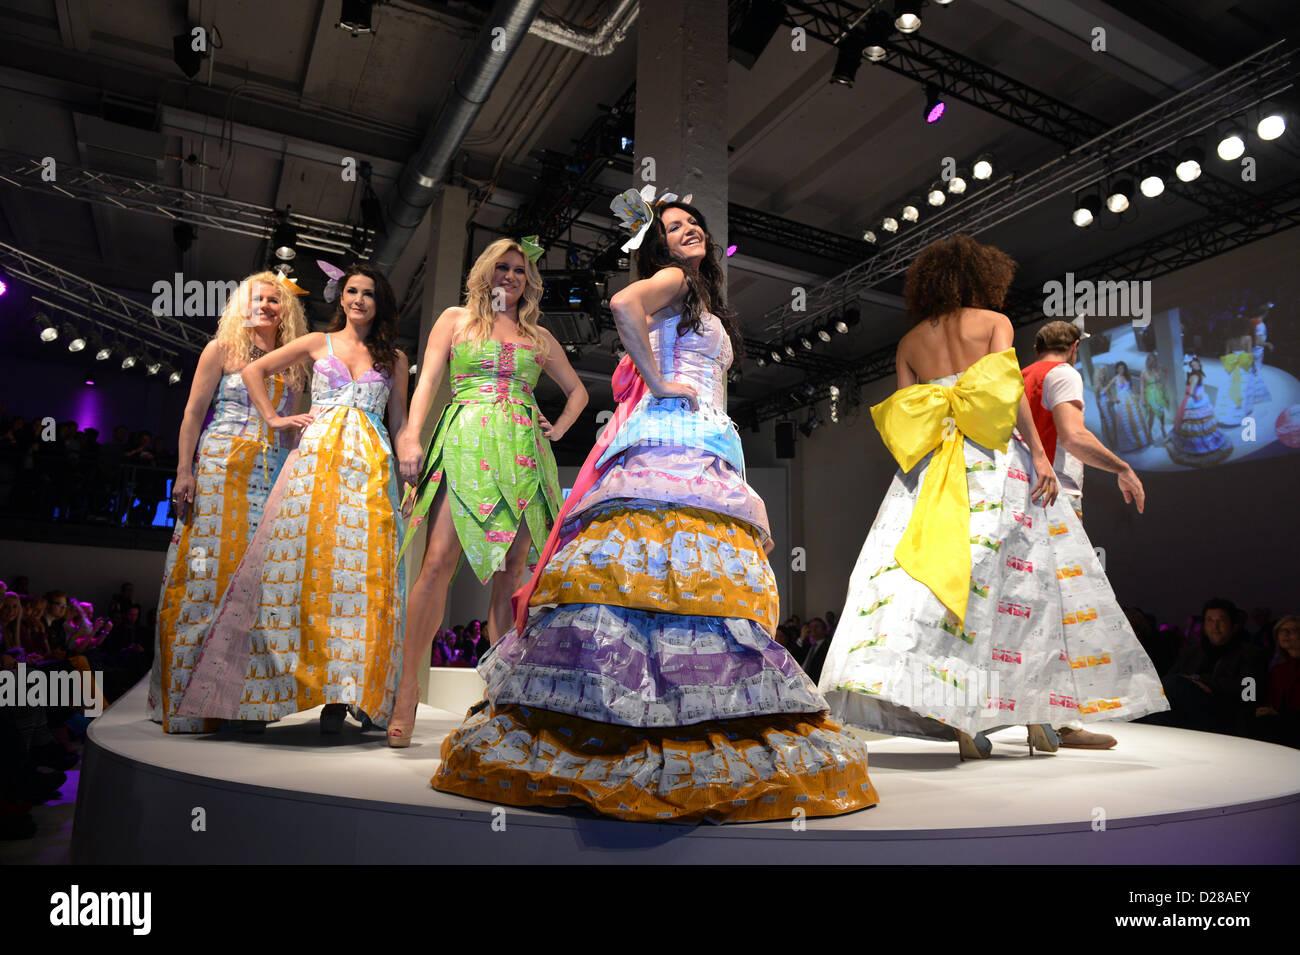 (L-R) Klara Ahlers (Lavera), Mariella Ahrens, Magdalena Brzeska, Christine Neubauer, Annabelle Mandeng y Bernhard Bettermann creaciones presentes en la marca verde Lavera apertura de diseñador Katell Gelebart durante la Semana de la moda de Berlín, Alemania, el 16 de enero de 2013. Las presentaciones de las colecciones otoño/invierno 2013/2014 tendrá lugar del 15 al 18 de enero de 2013. Foto: Jens Kalaene/dpa +++(c) dpa - Bildfunk+++ Foto de stock